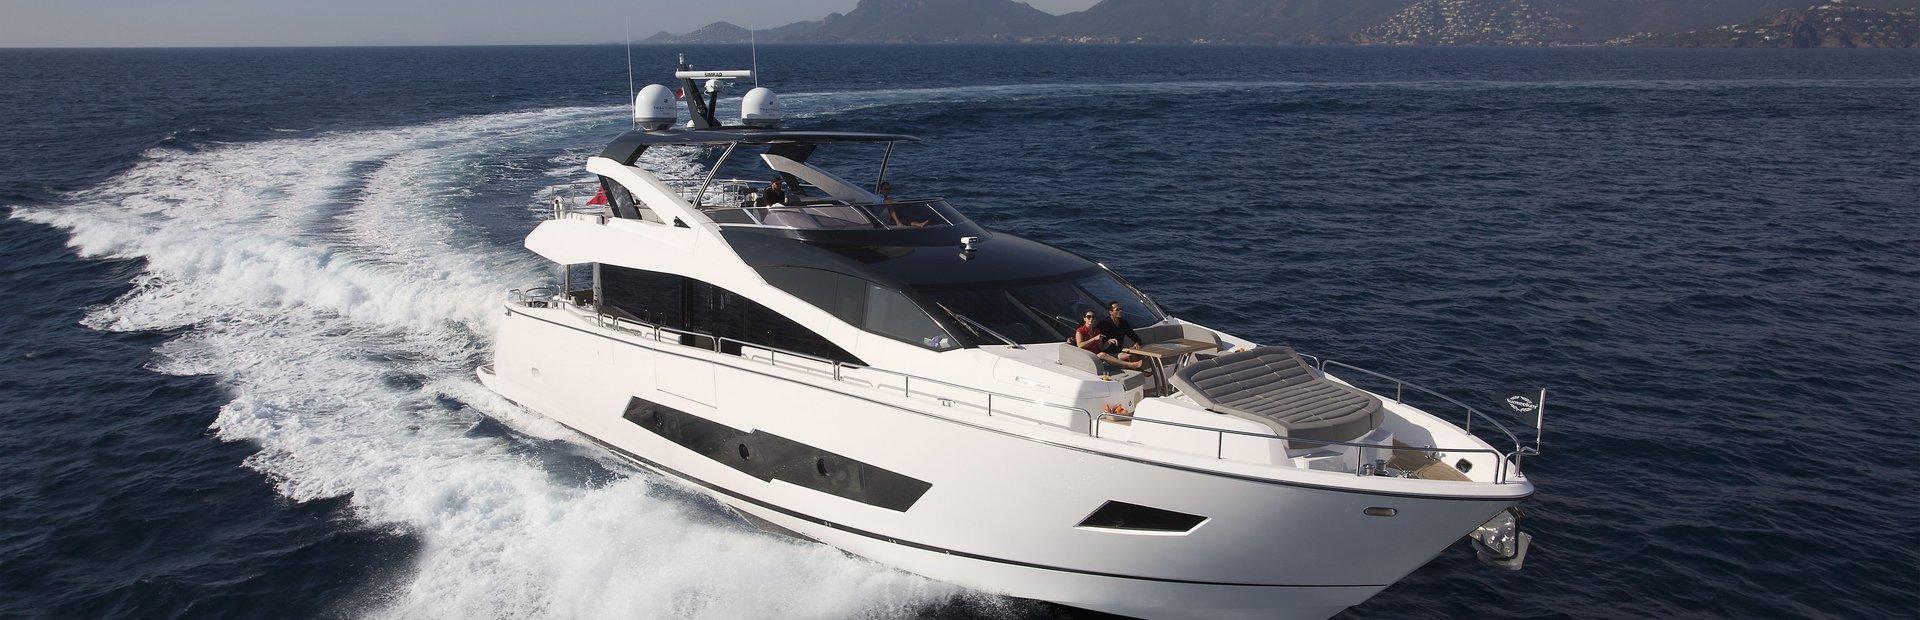 86 Yacht Yacht Charter